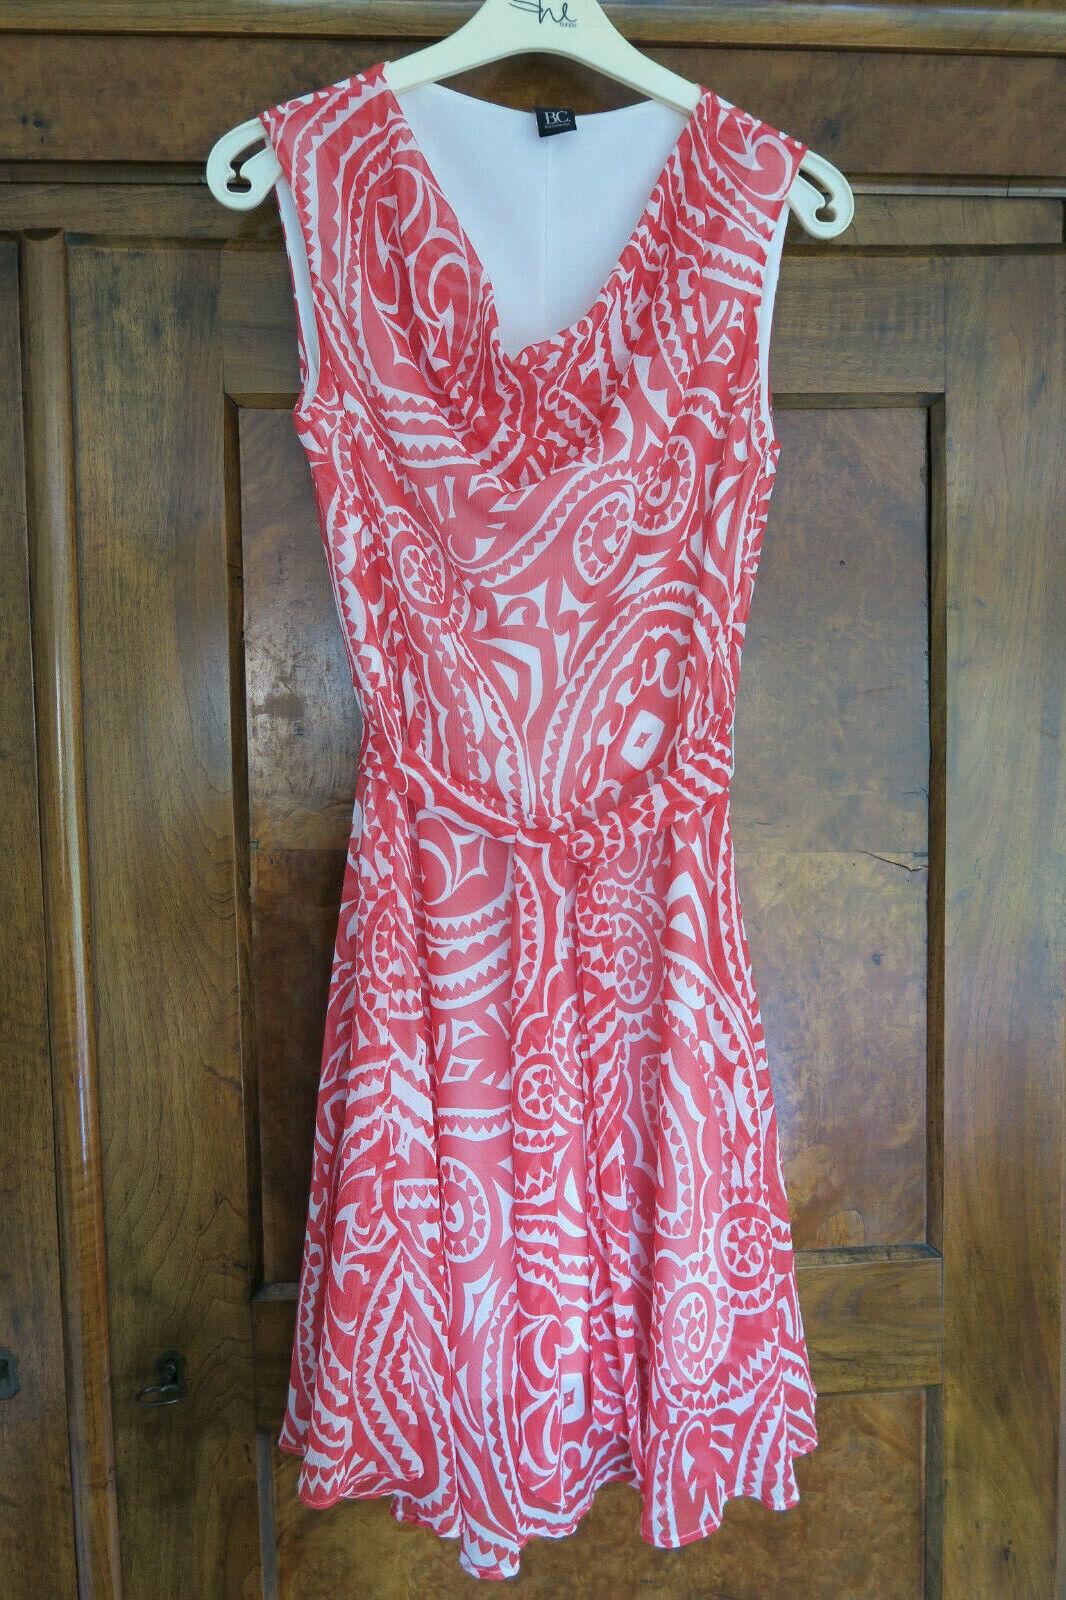 Damen Kleid B.C. Best Connections Leichtes Sommerkleid rot weiss weiss weiss Gr. 36 6958bc